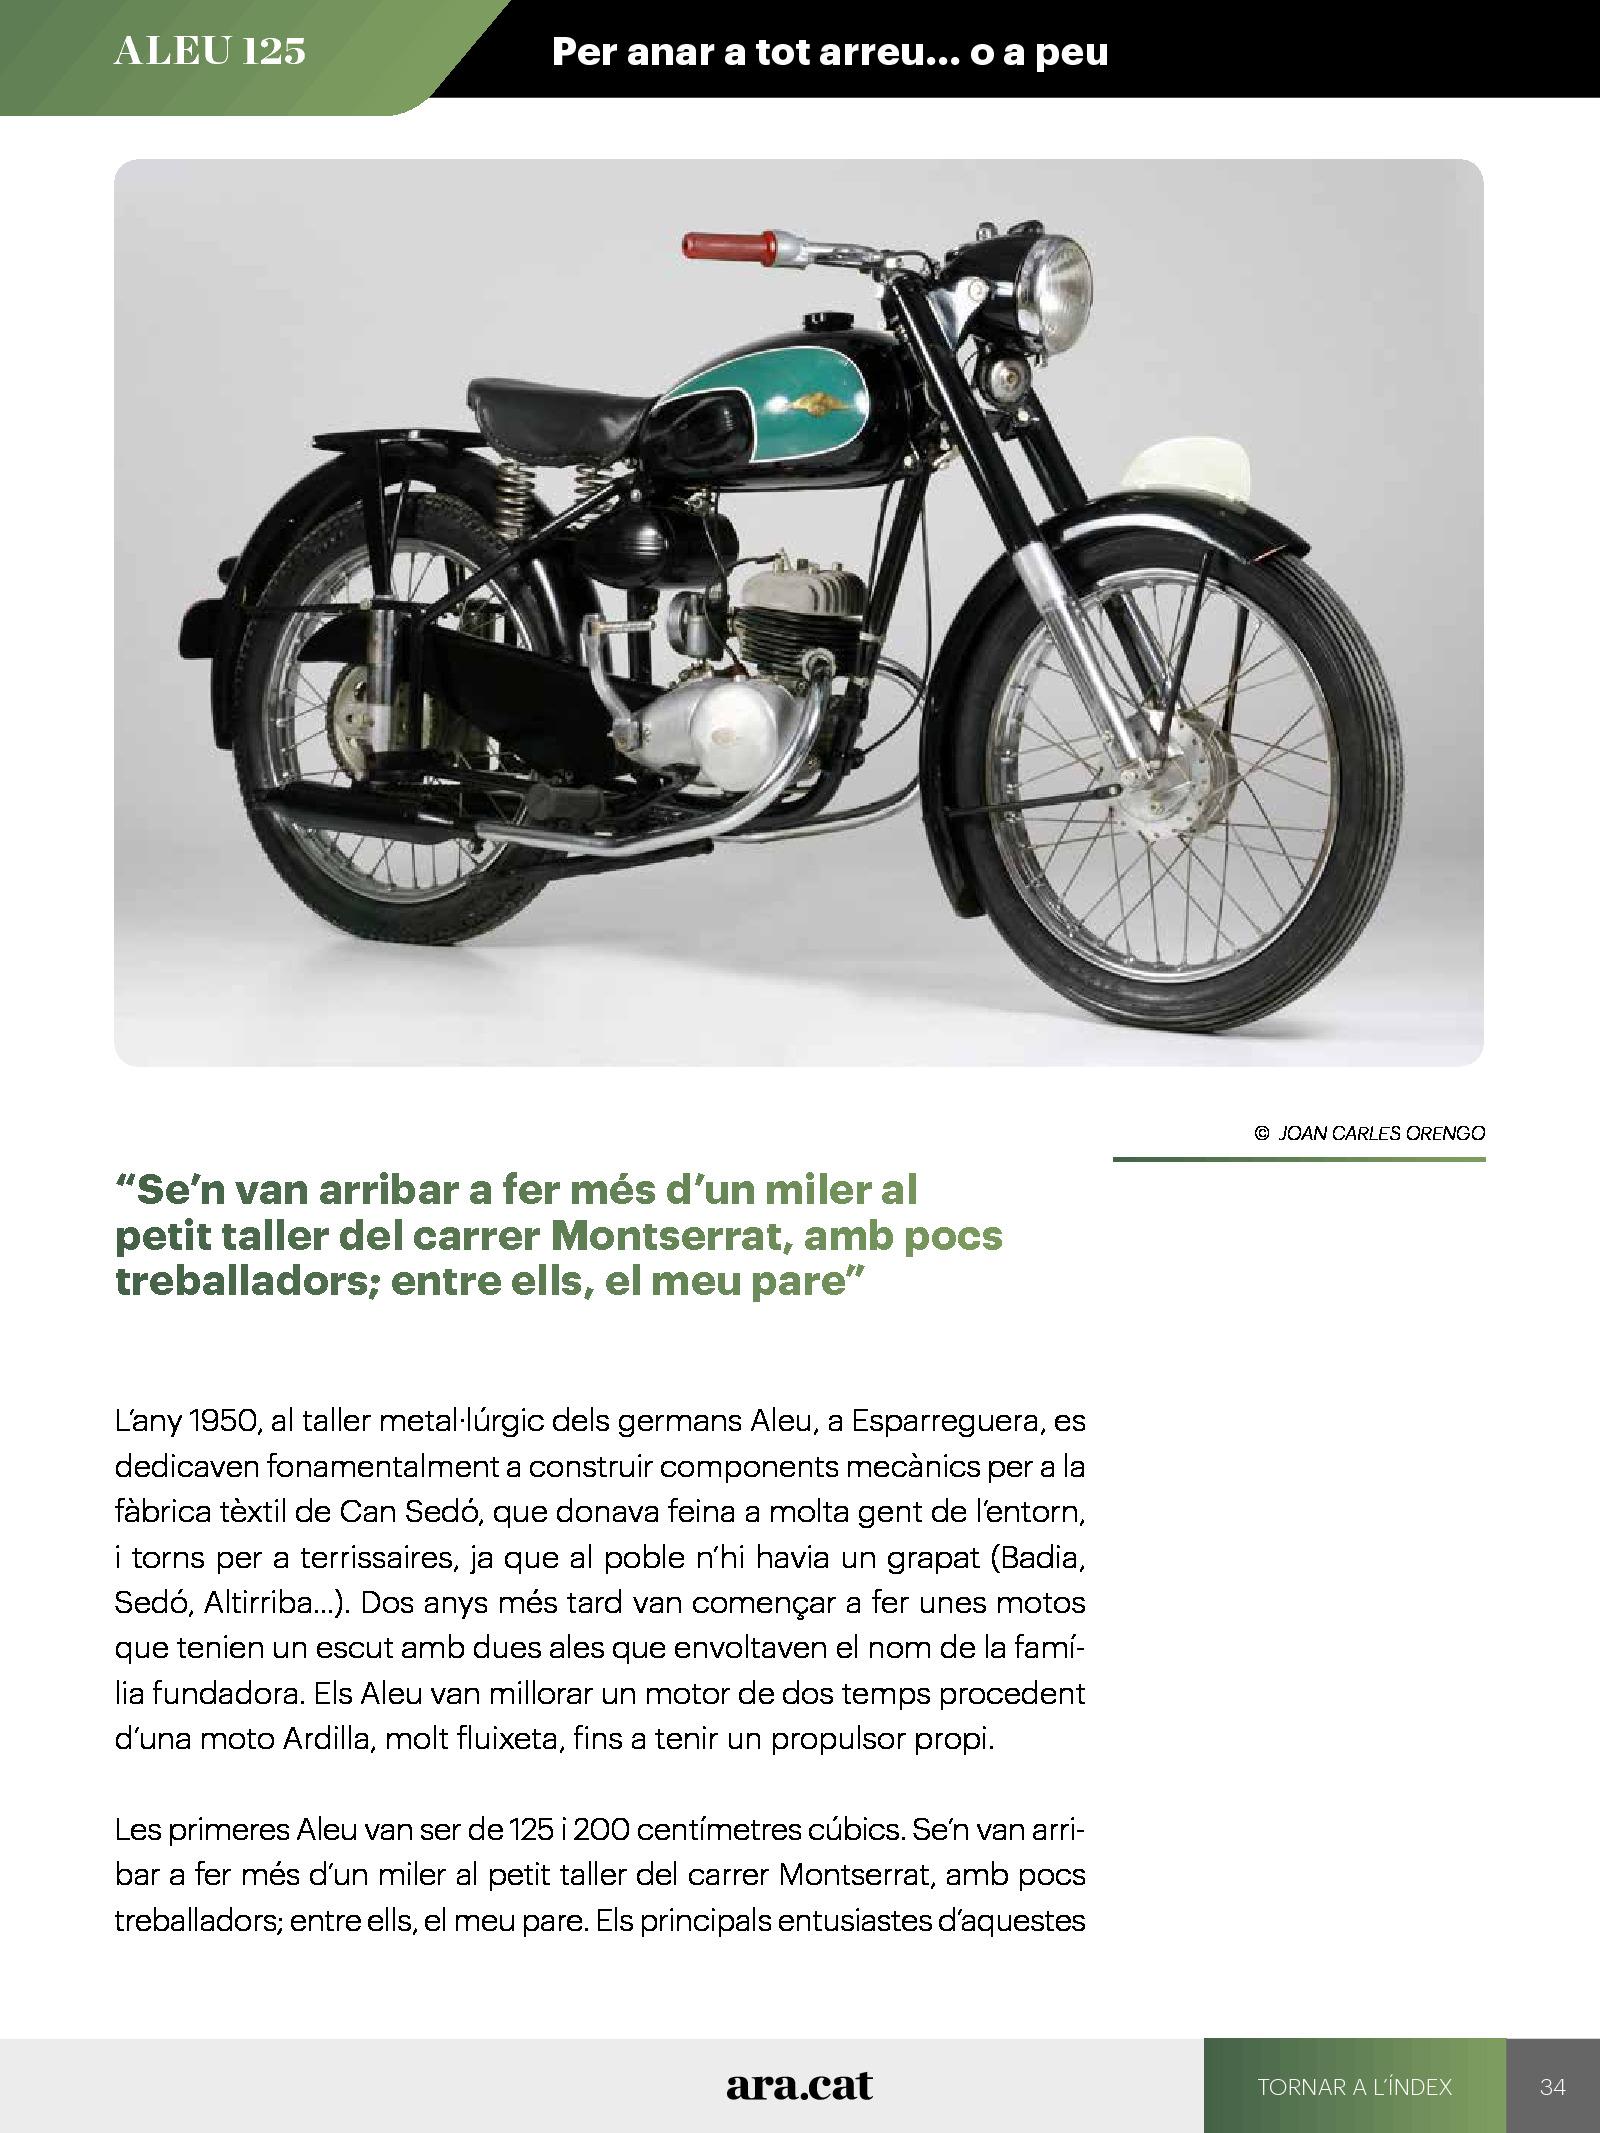 Les motos de la nostra vida 3